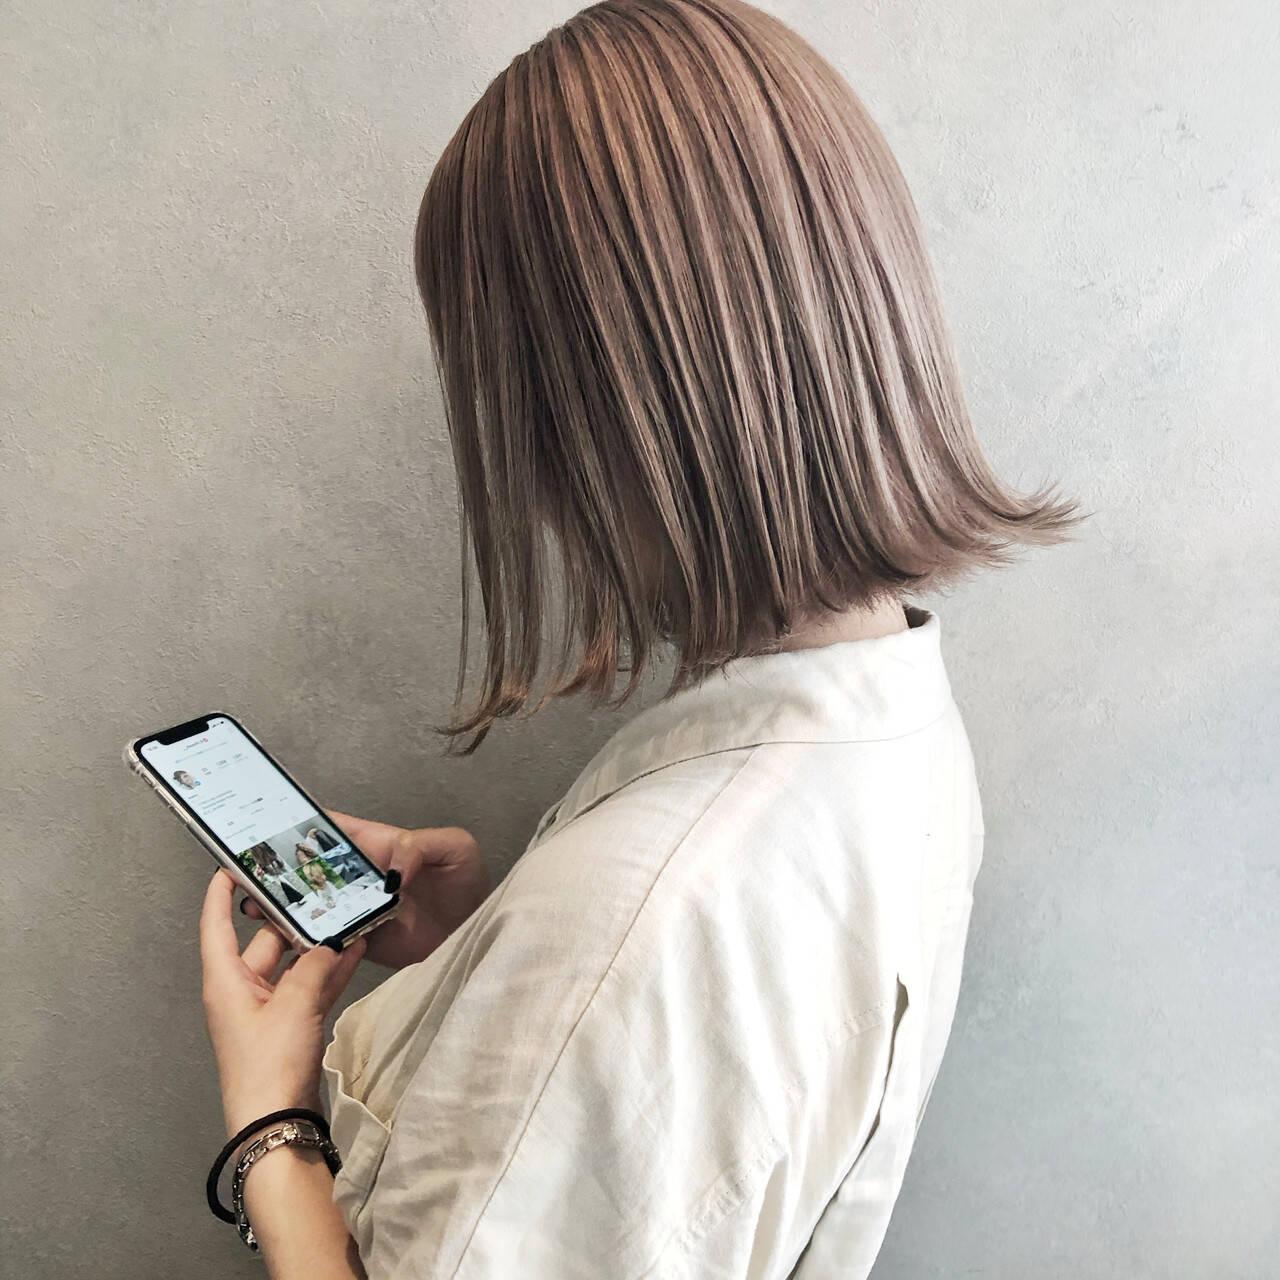 ハイトーン 切りっぱなしボブ ナチュラル アッシュベージュヘアスタイルや髪型の写真・画像